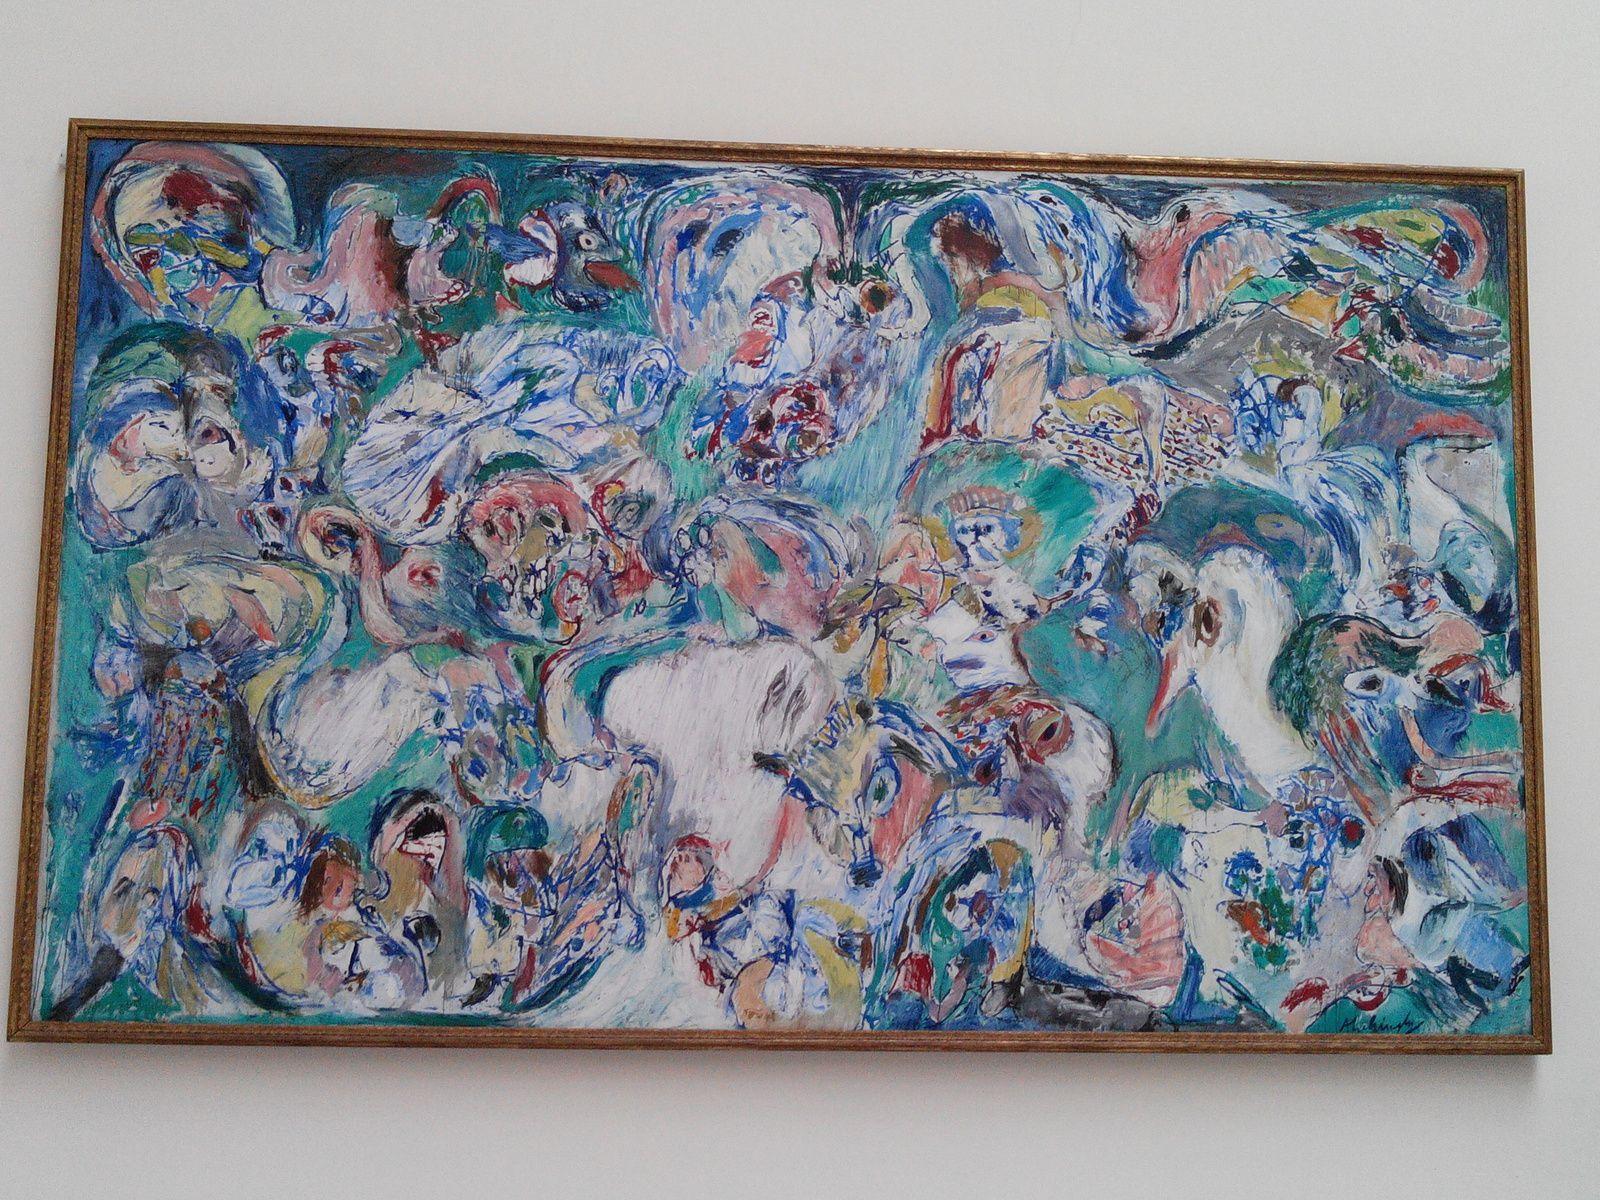 """Le Dernier Jour"""" Tableau De Pierre Alechinsky - .projet encequiconcerne Oeuvre Alechinsky"""